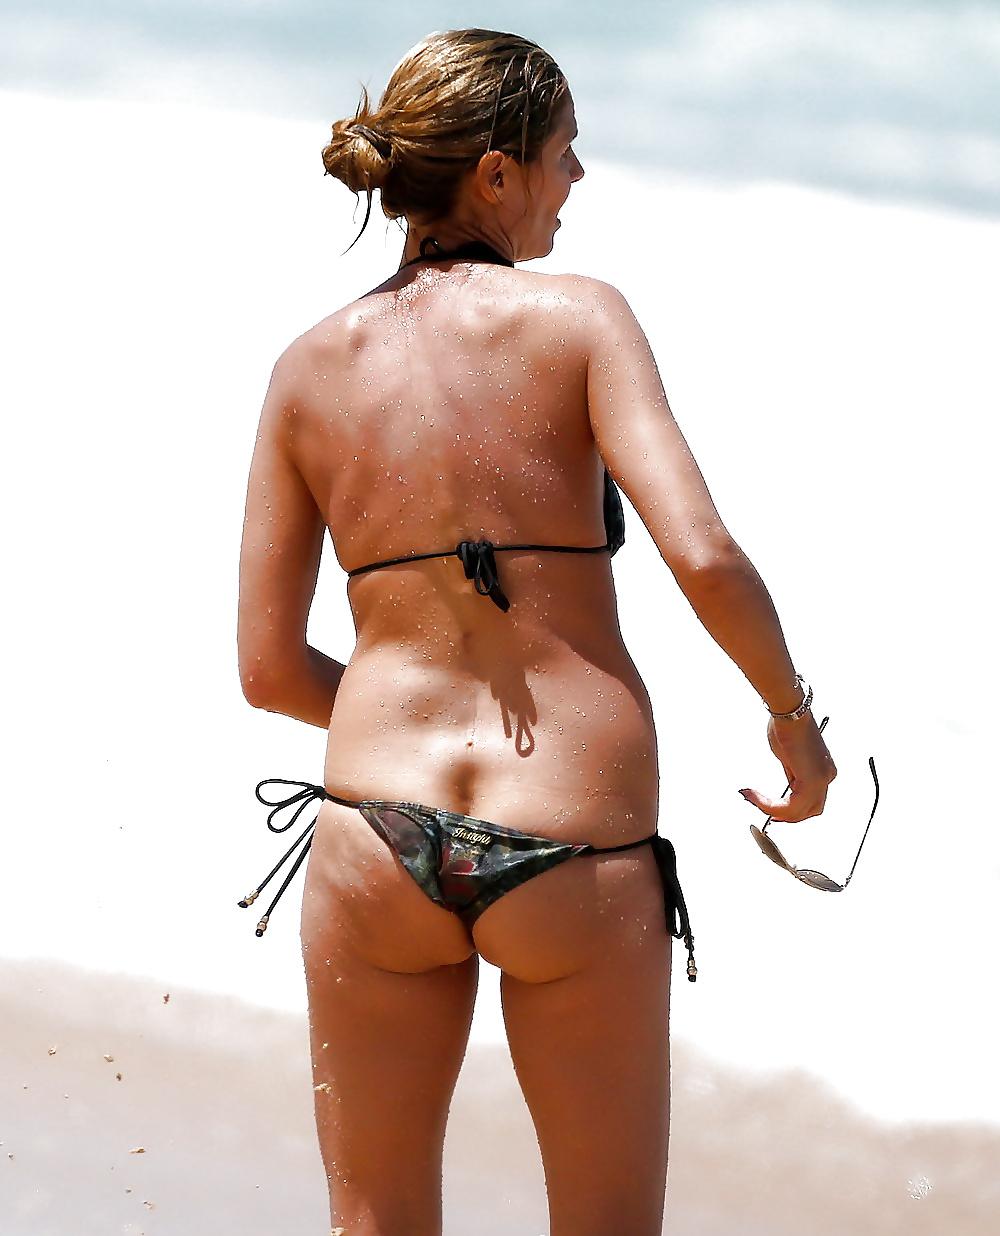 Heidi klum topless shoot